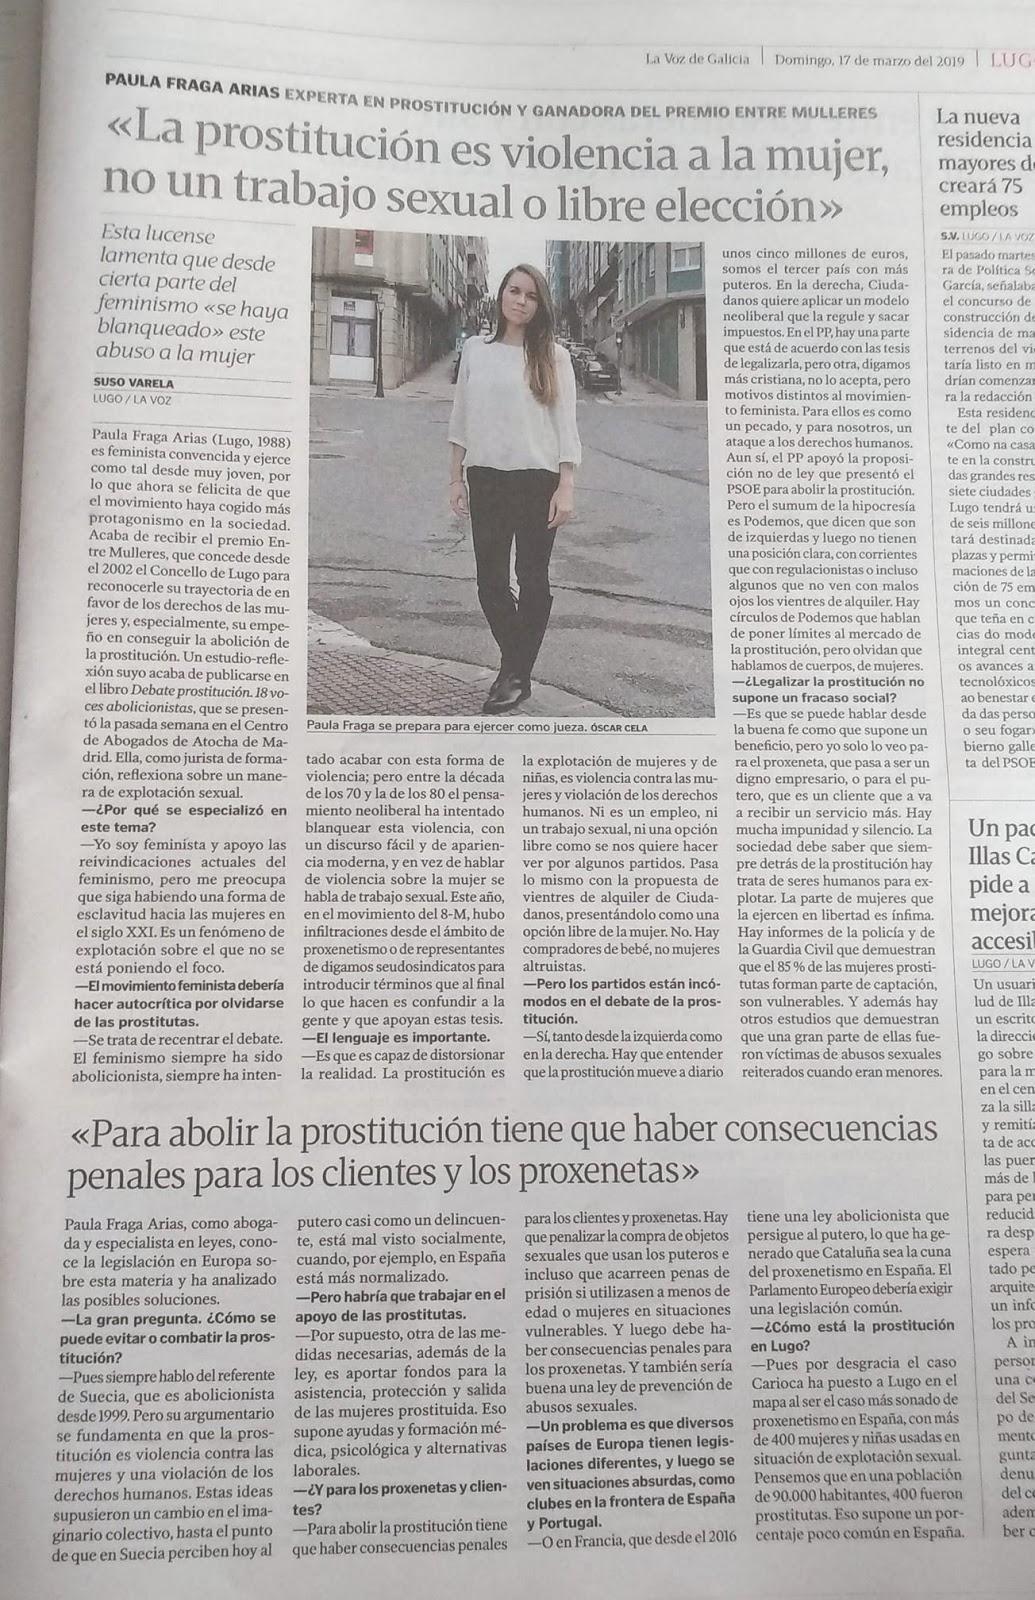 Abolicionismo Del Porno entrevista sobre prostitución.